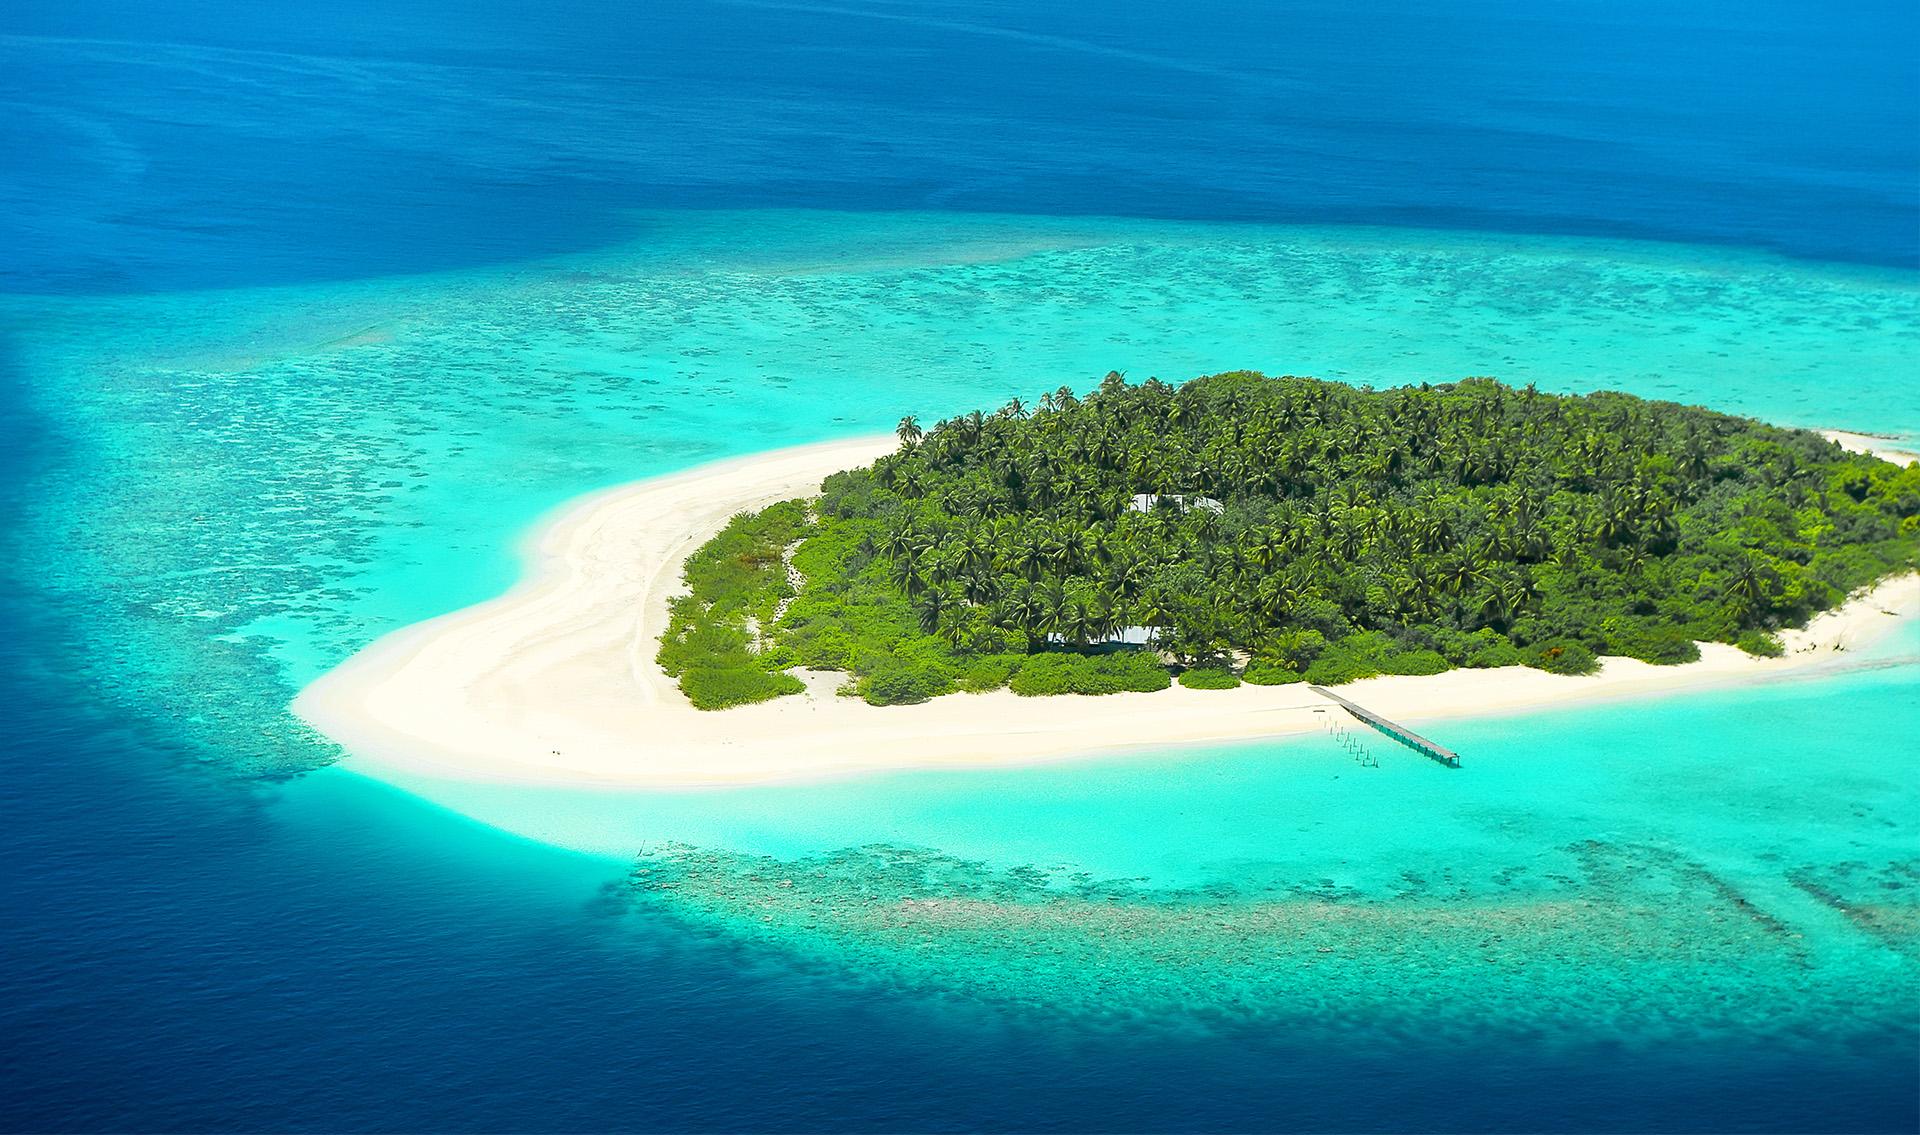 Isla desierta - Maldivas